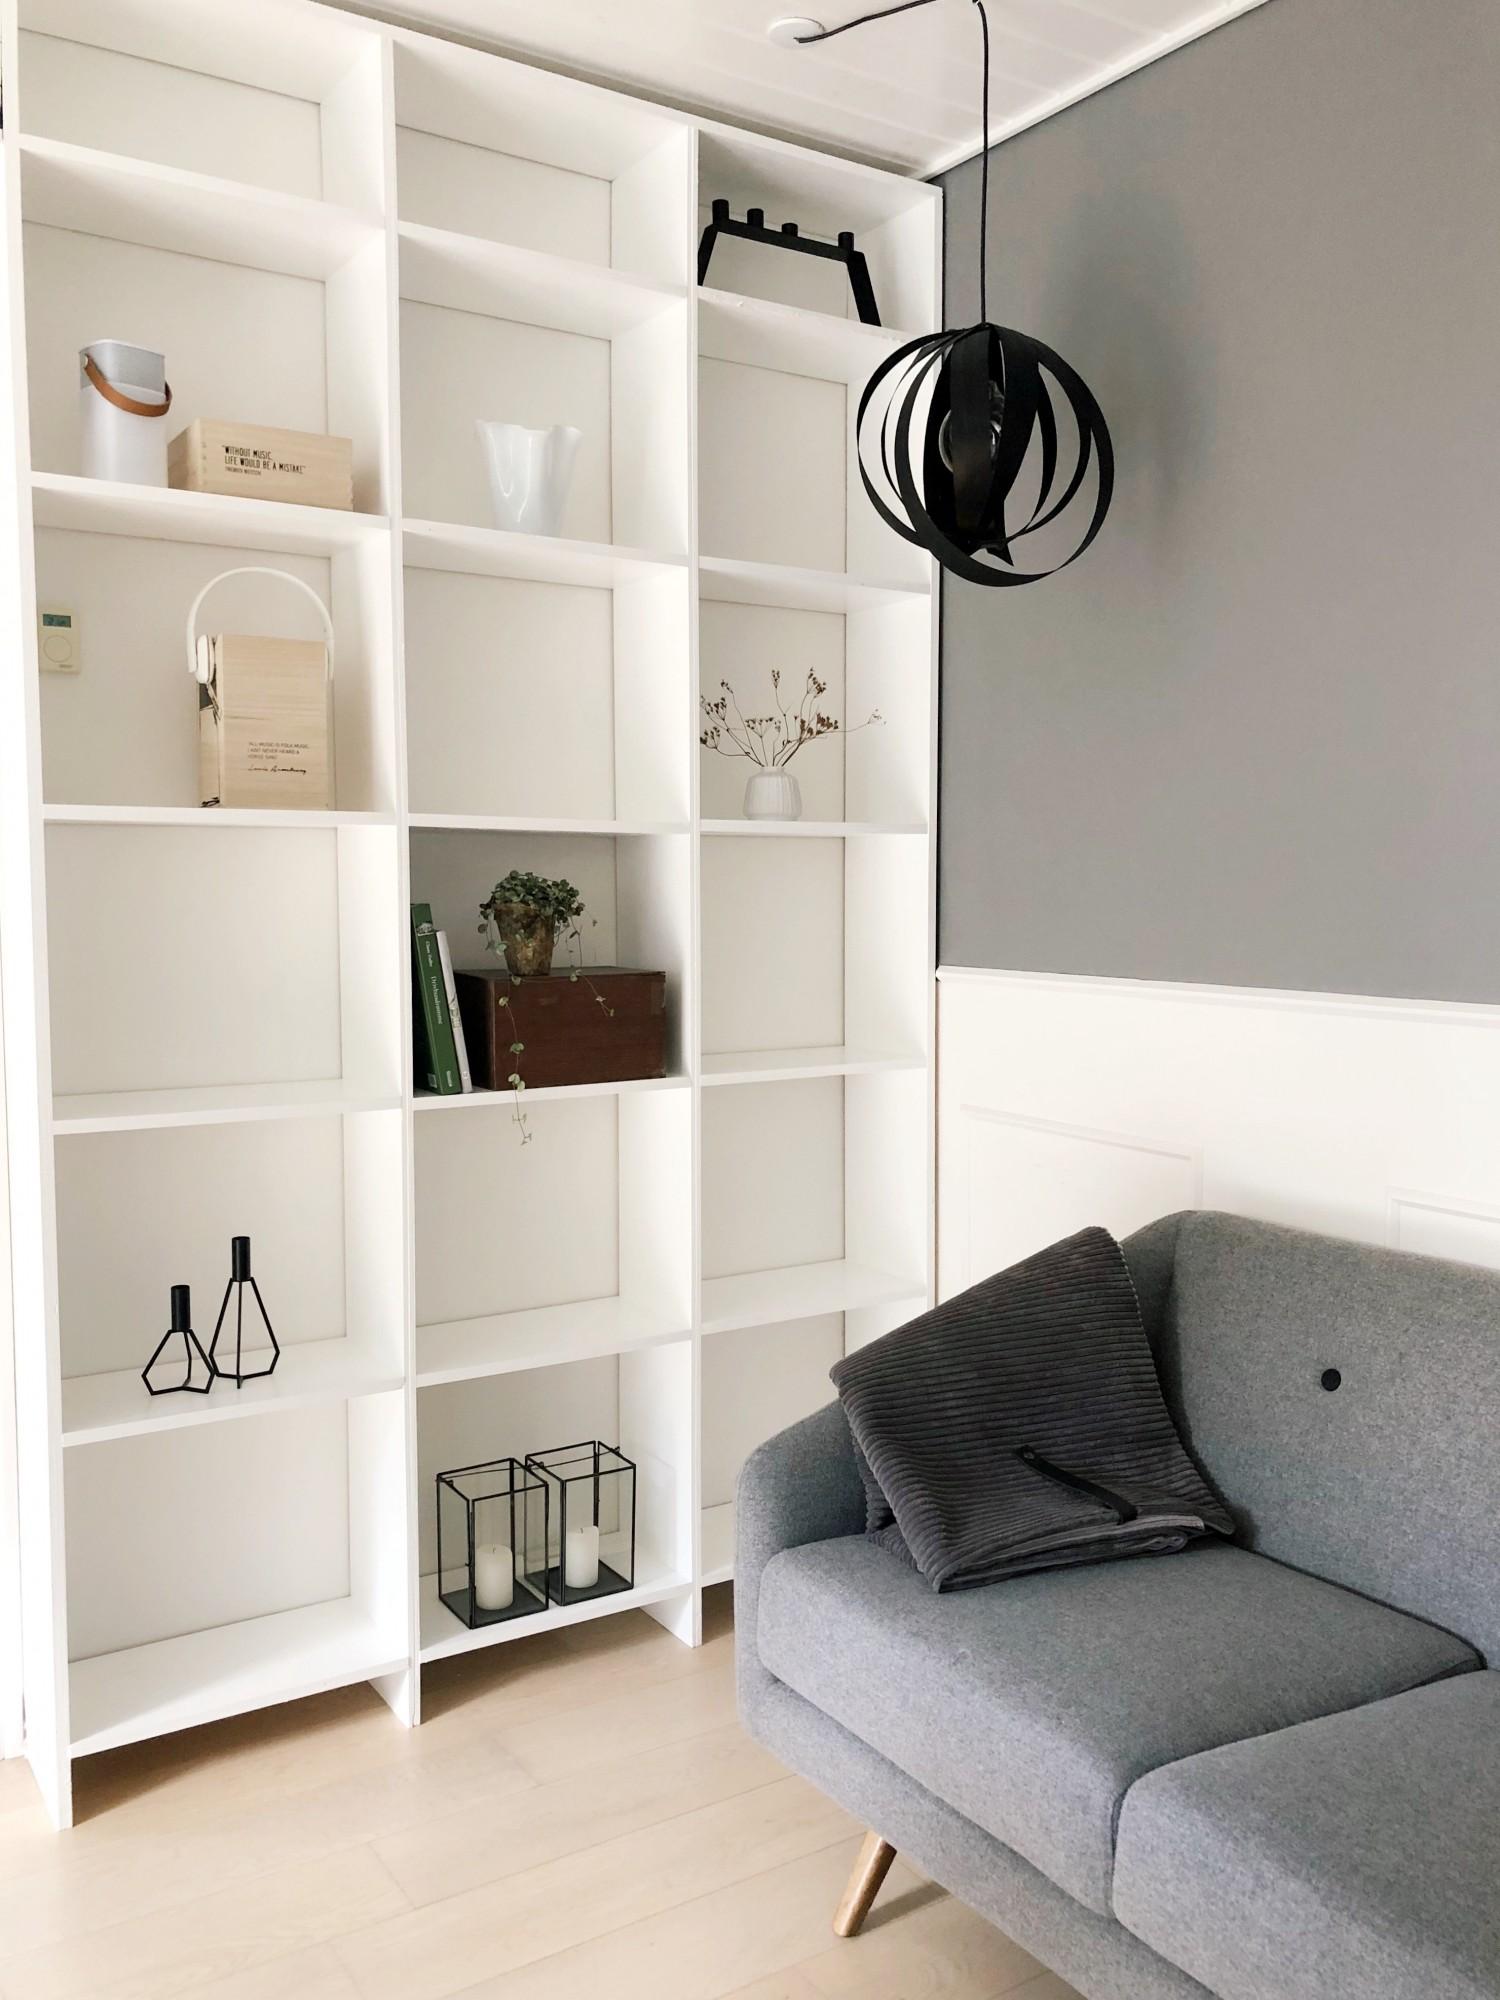 Diy Hjemmebygget Vaeg Til Vaeg Bogreol Livingonabudgetdk